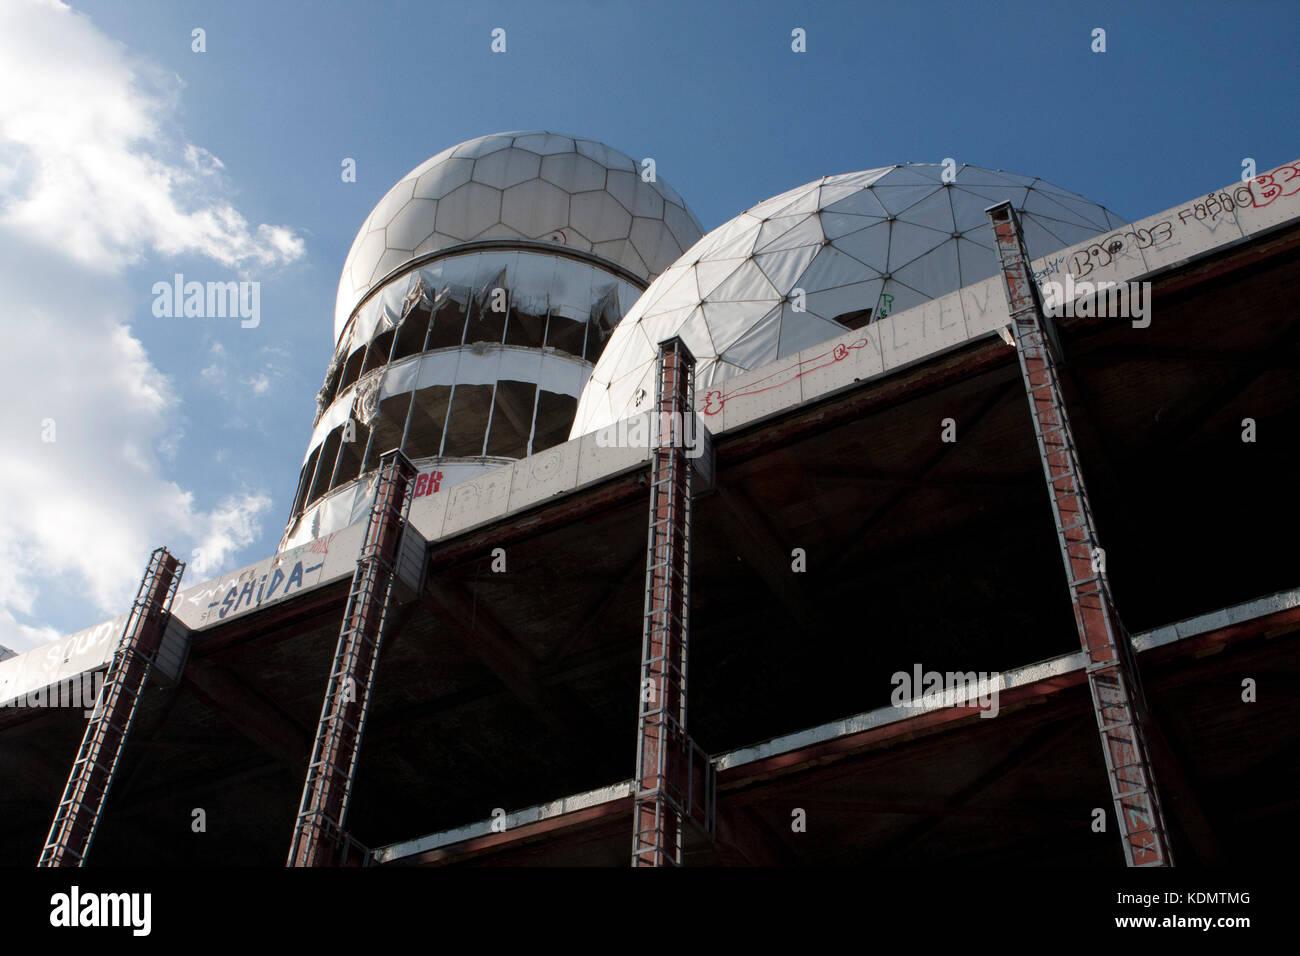 Domos de radar en teufelsburg felsberg desde la guerra fría Imagen De Stock